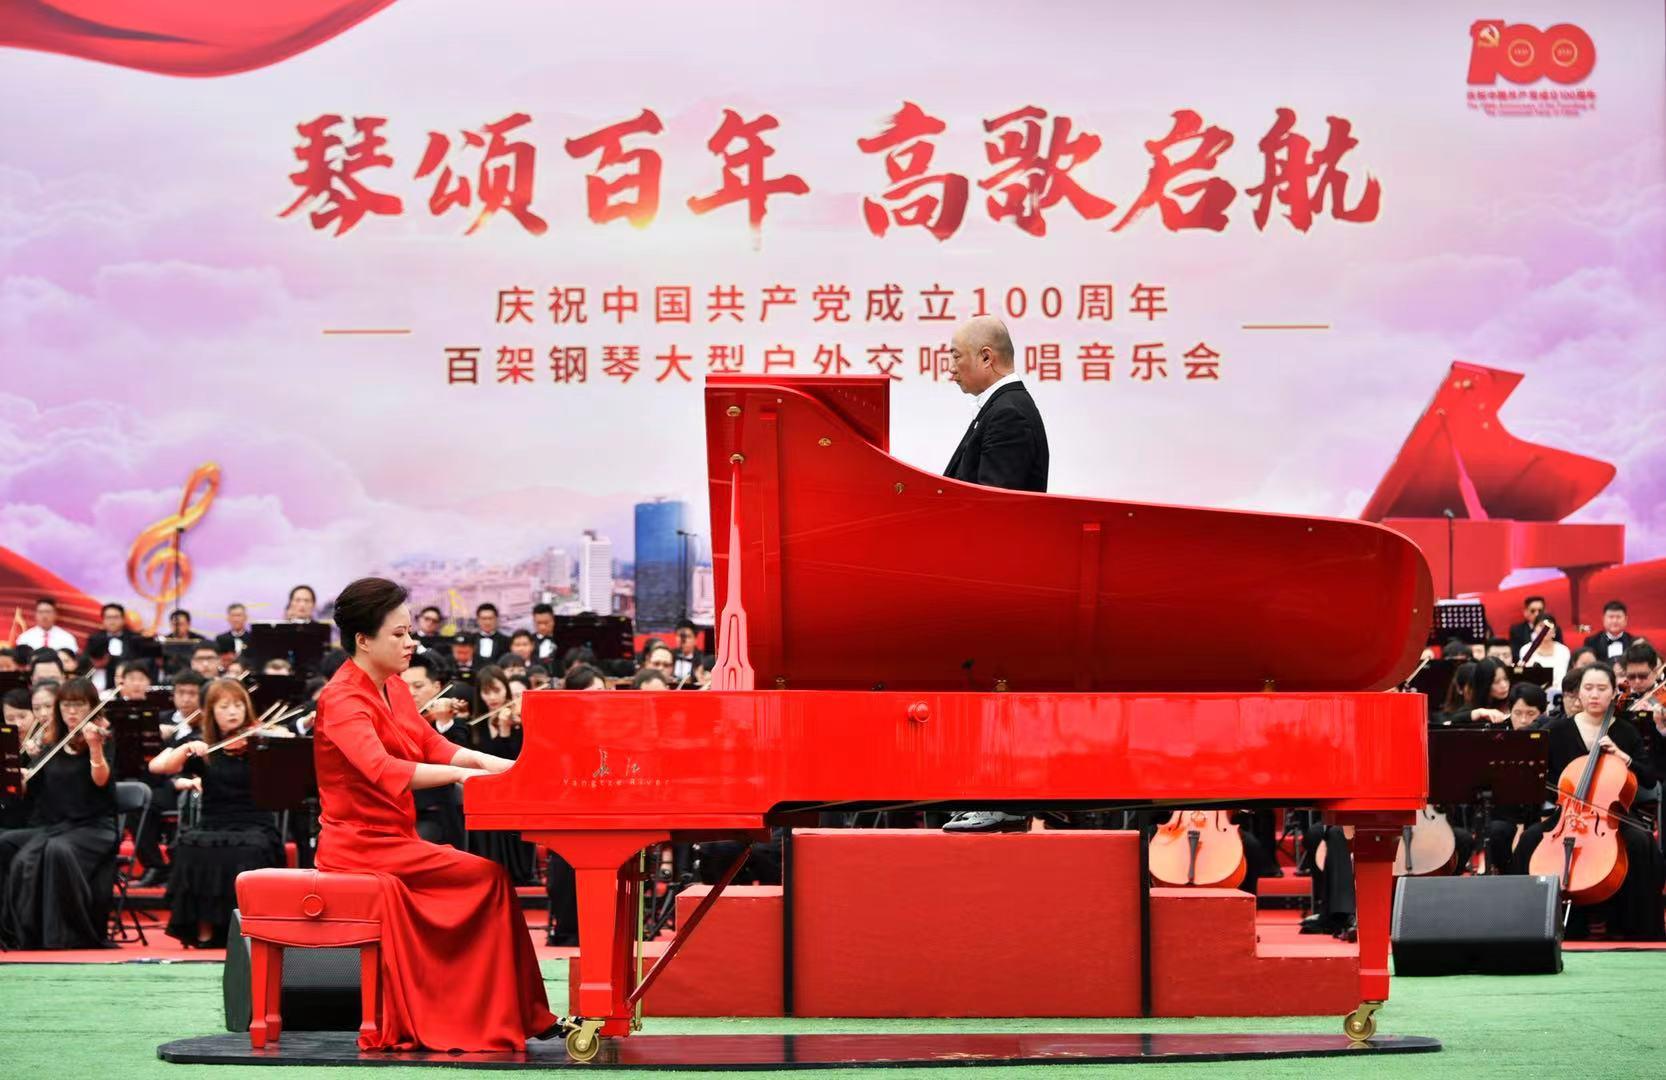 百人合唱、百架钢琴、还有百人交响!全国多地连线共同奏响这些经典音乐作品